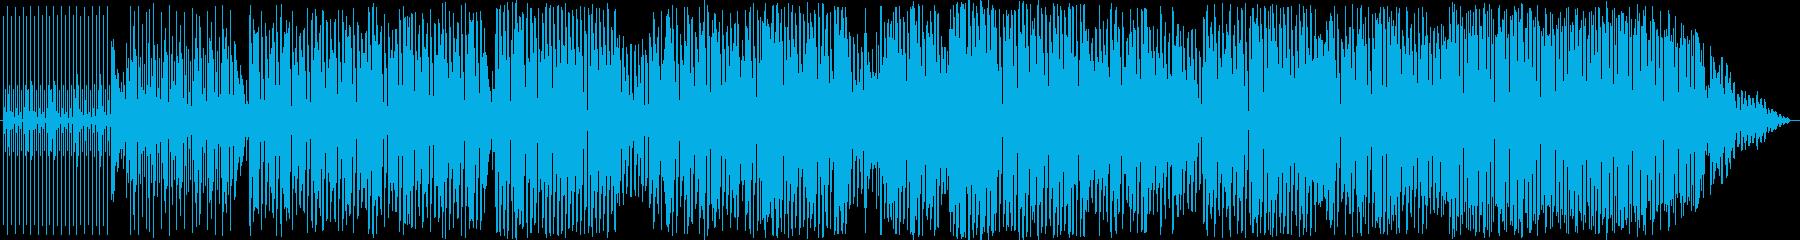 ハウスクラビングの再生済みの波形